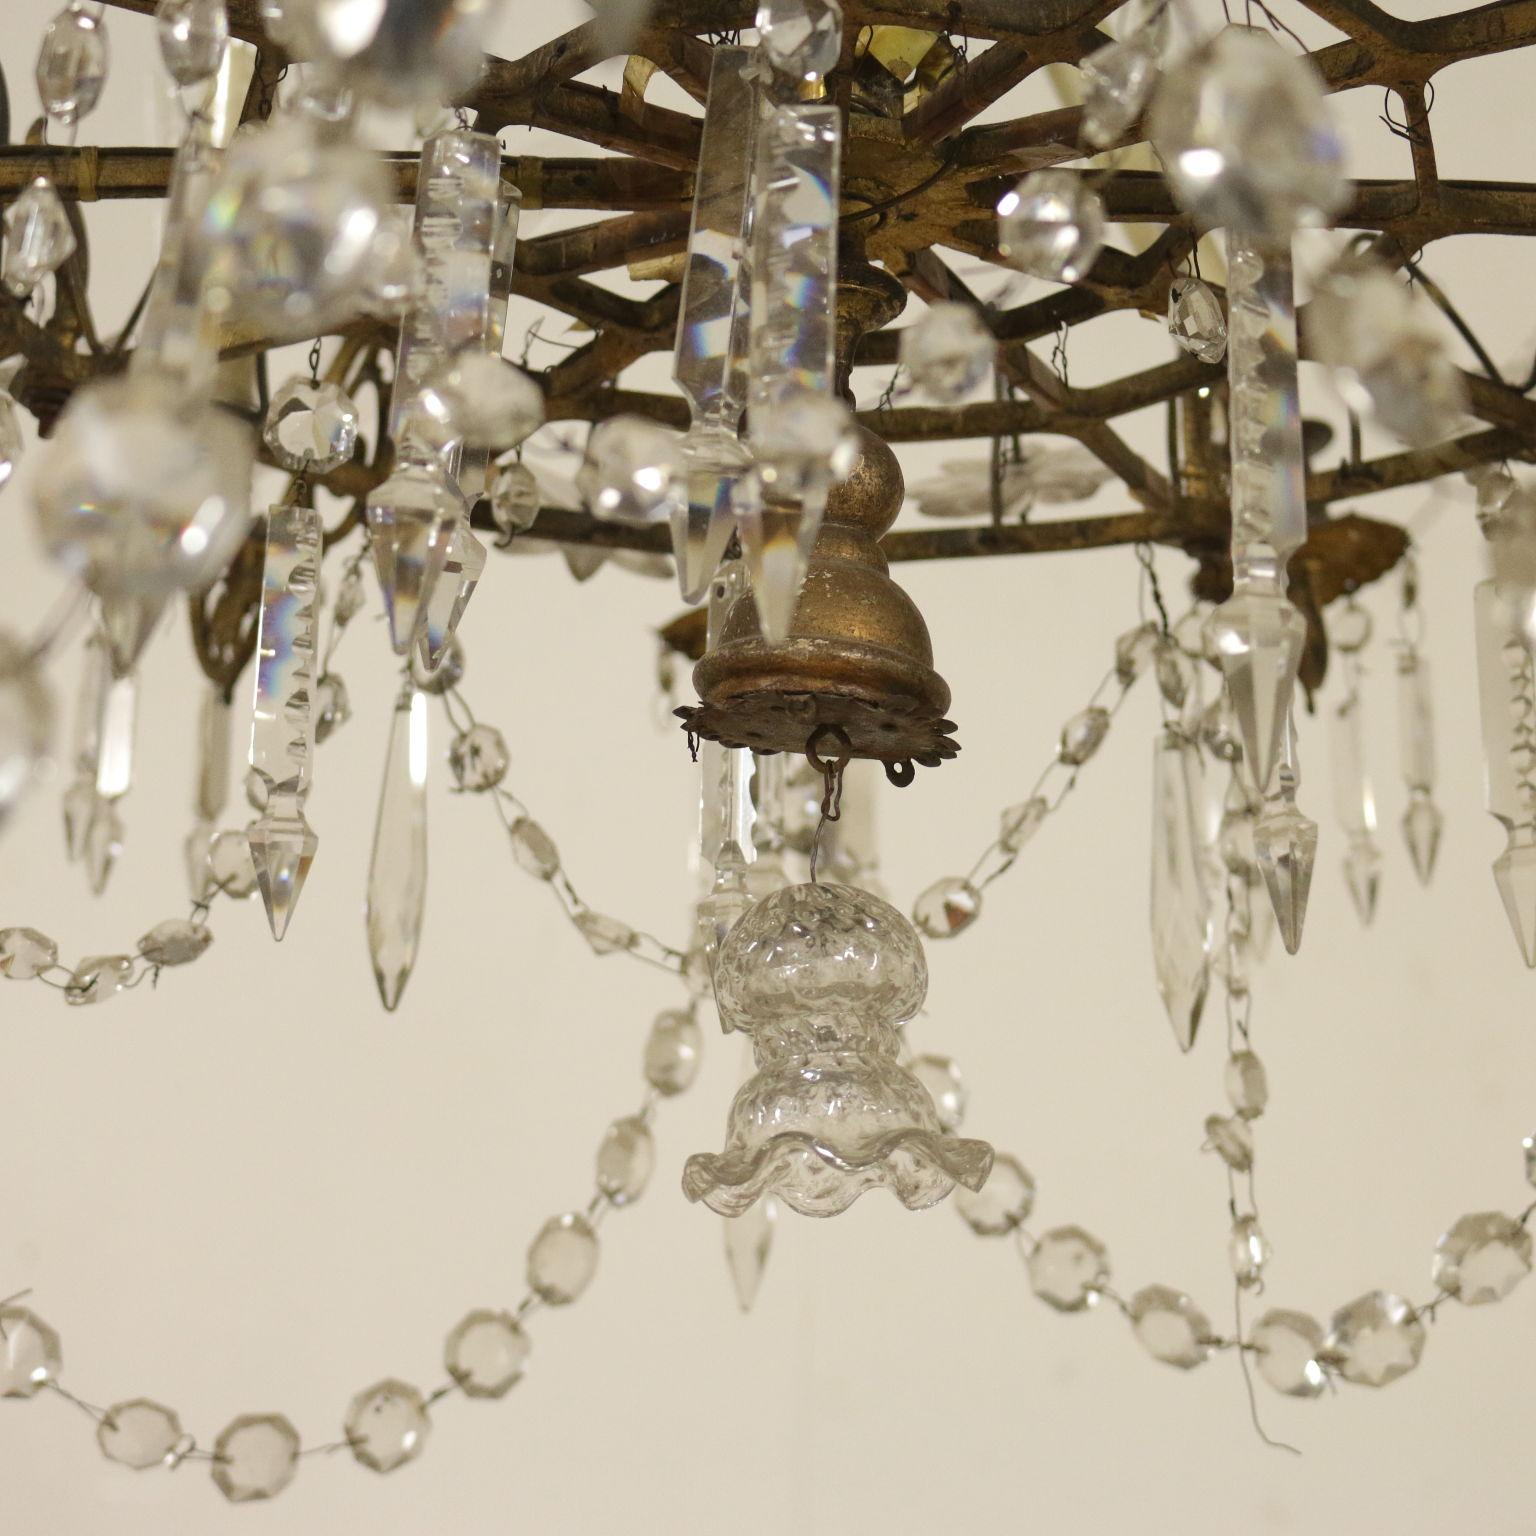 Lampadari A Gocce In Cristallo.Lampadario A Due Ordini Con Gocce In Vetro Lampadari E Lumi